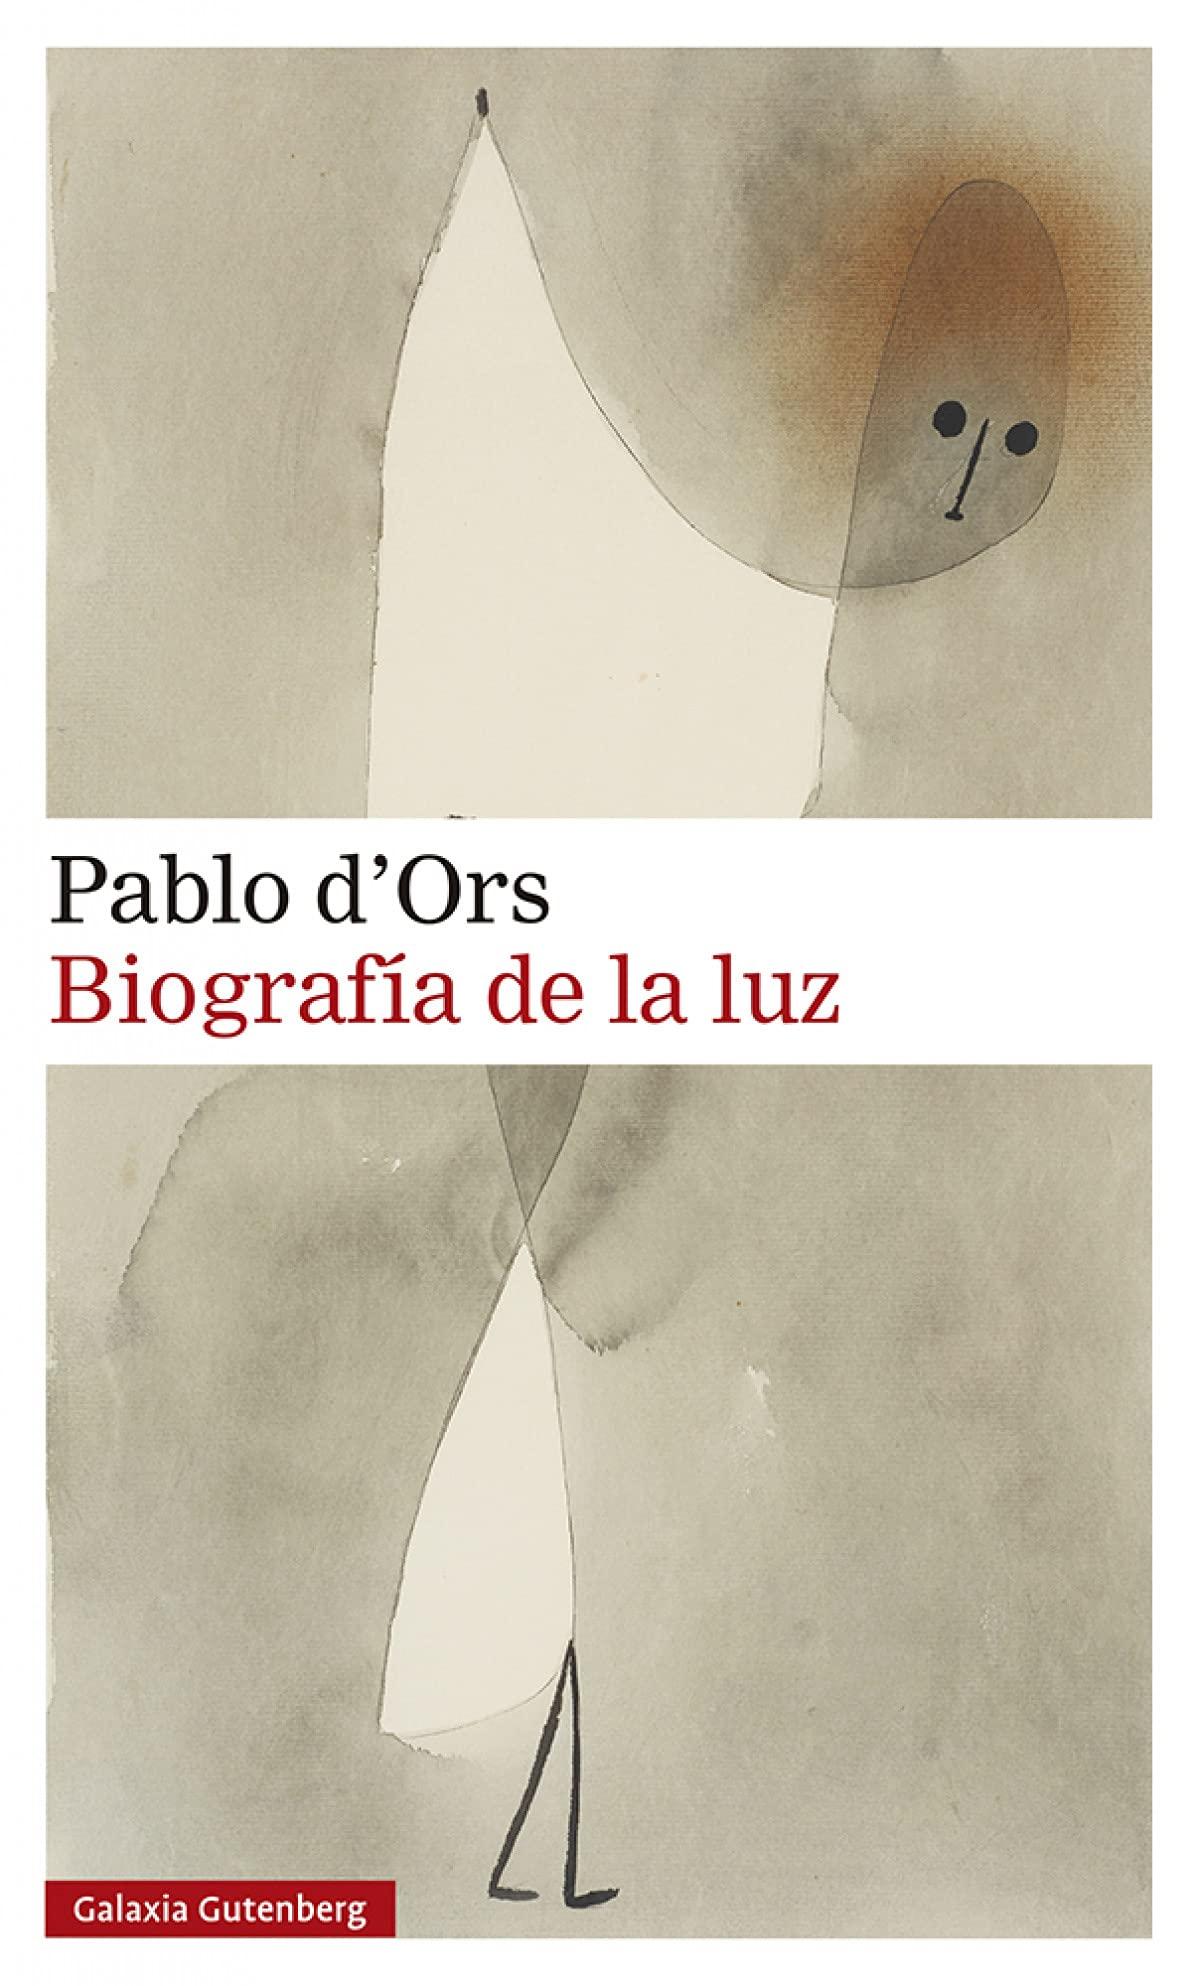 Biografía de la luz, de Pablo d'Ors